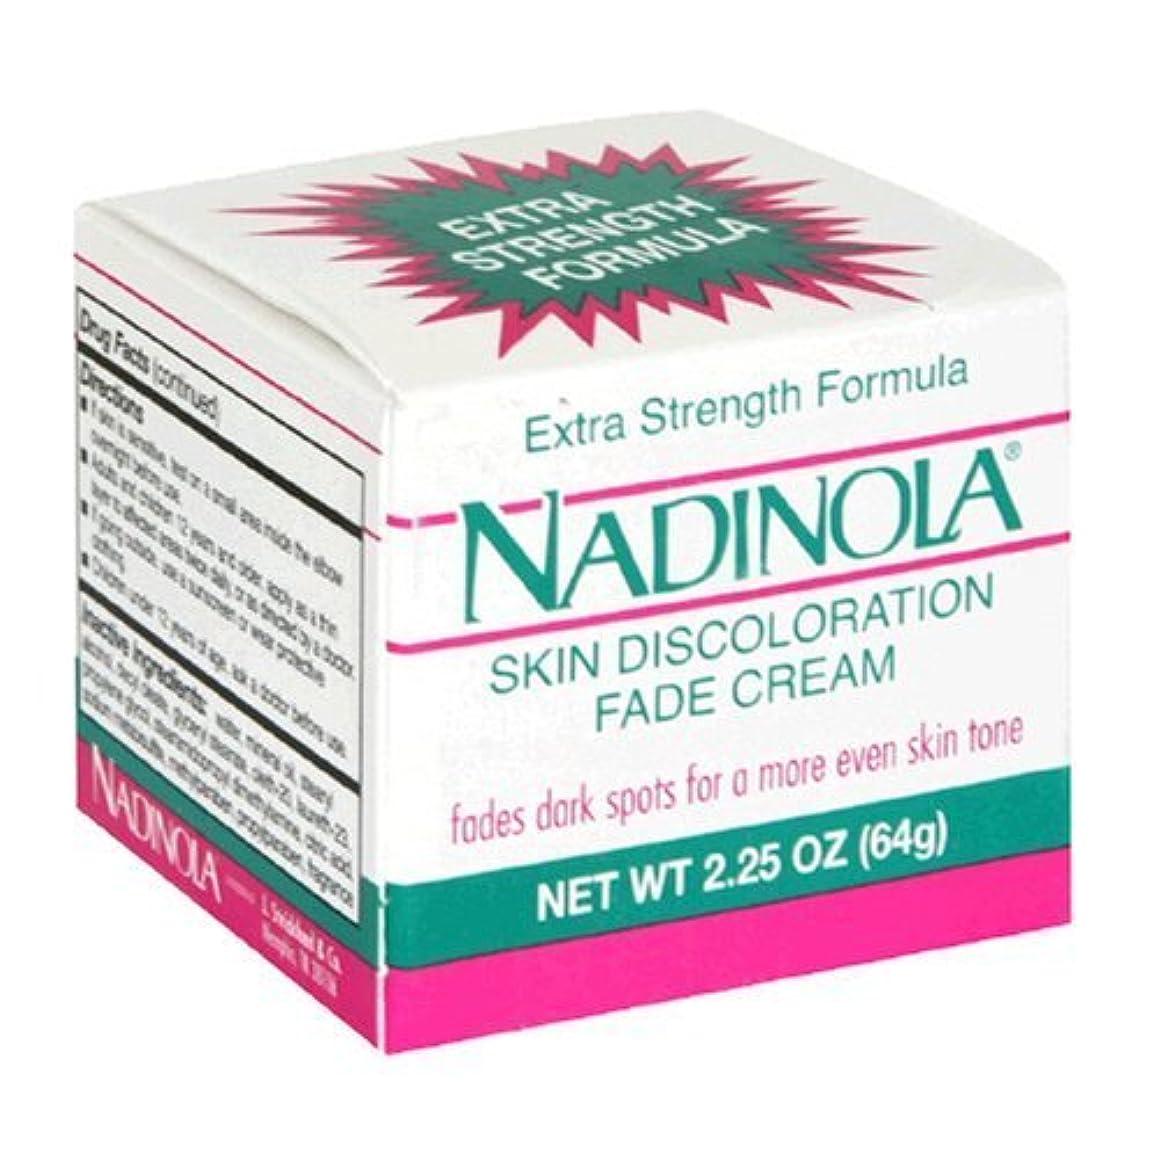 超越する簡略化するを除くNadinola Discoloration Fade Cream 2.25oz Extra Strength (並行輸入品)